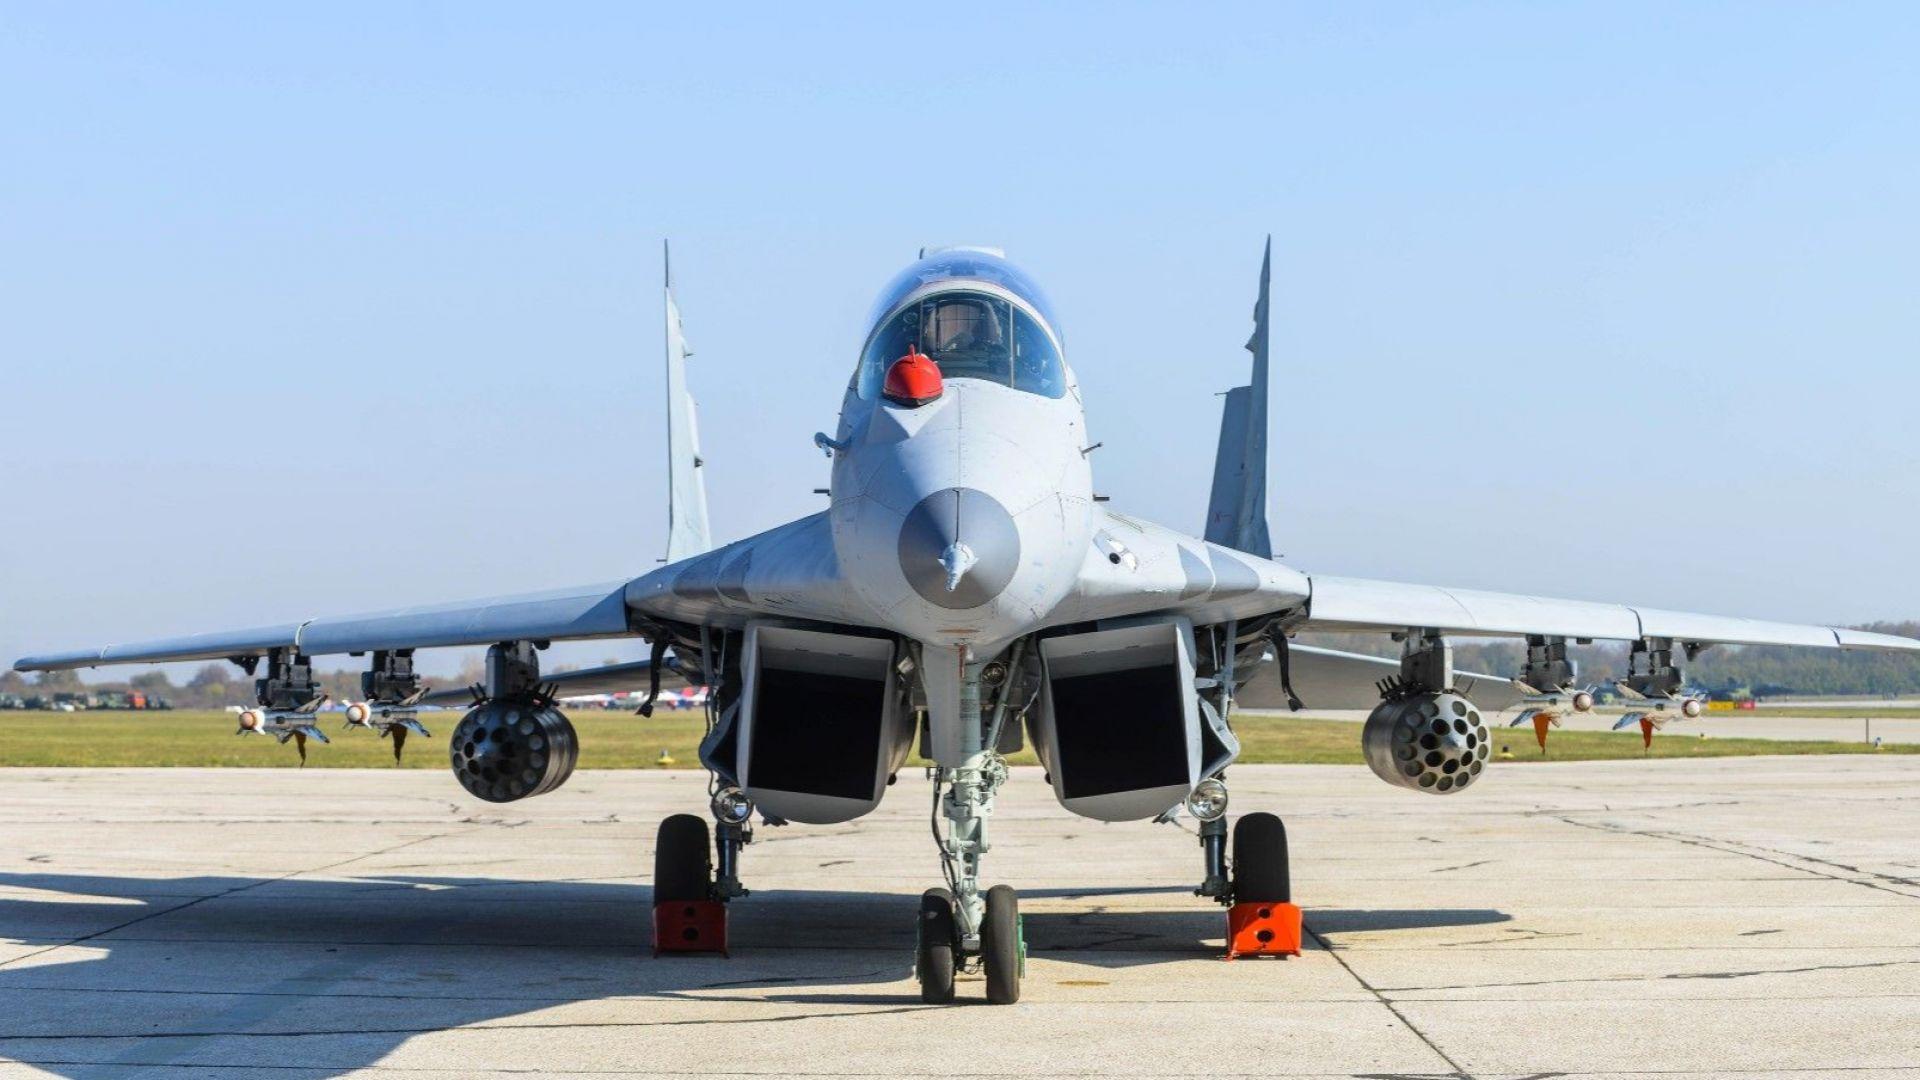 Полша спря полетите на МиГ-29 след катастрофа, при която пилот загина